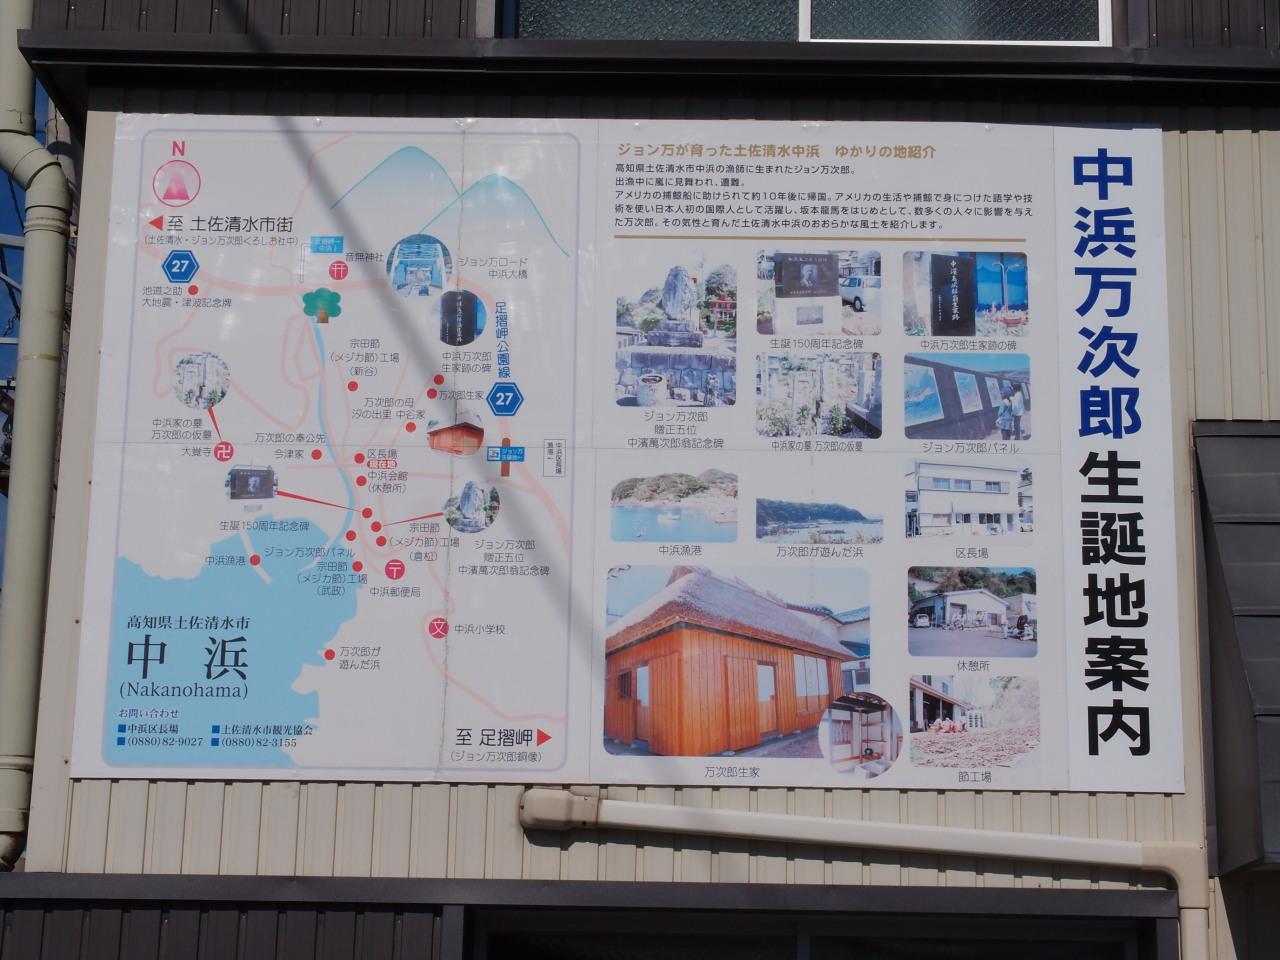 中浜の簡易地図